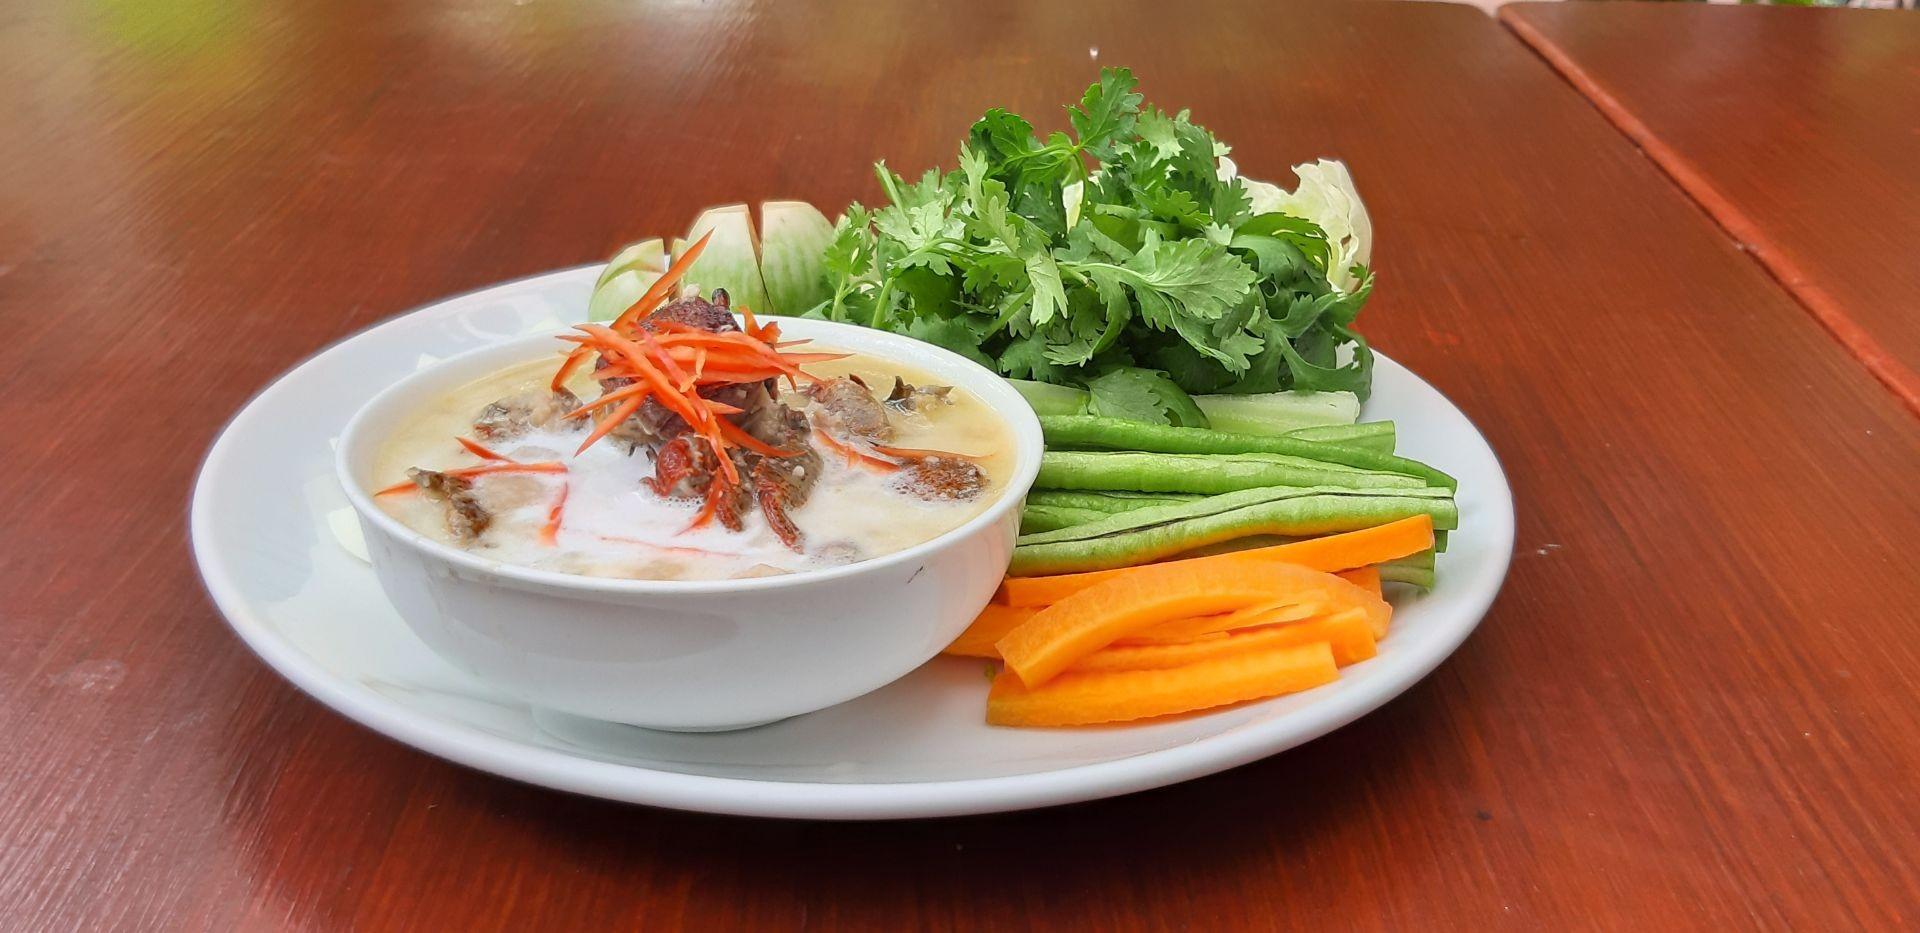 กลมกล่อม รสชาติไทยแท้